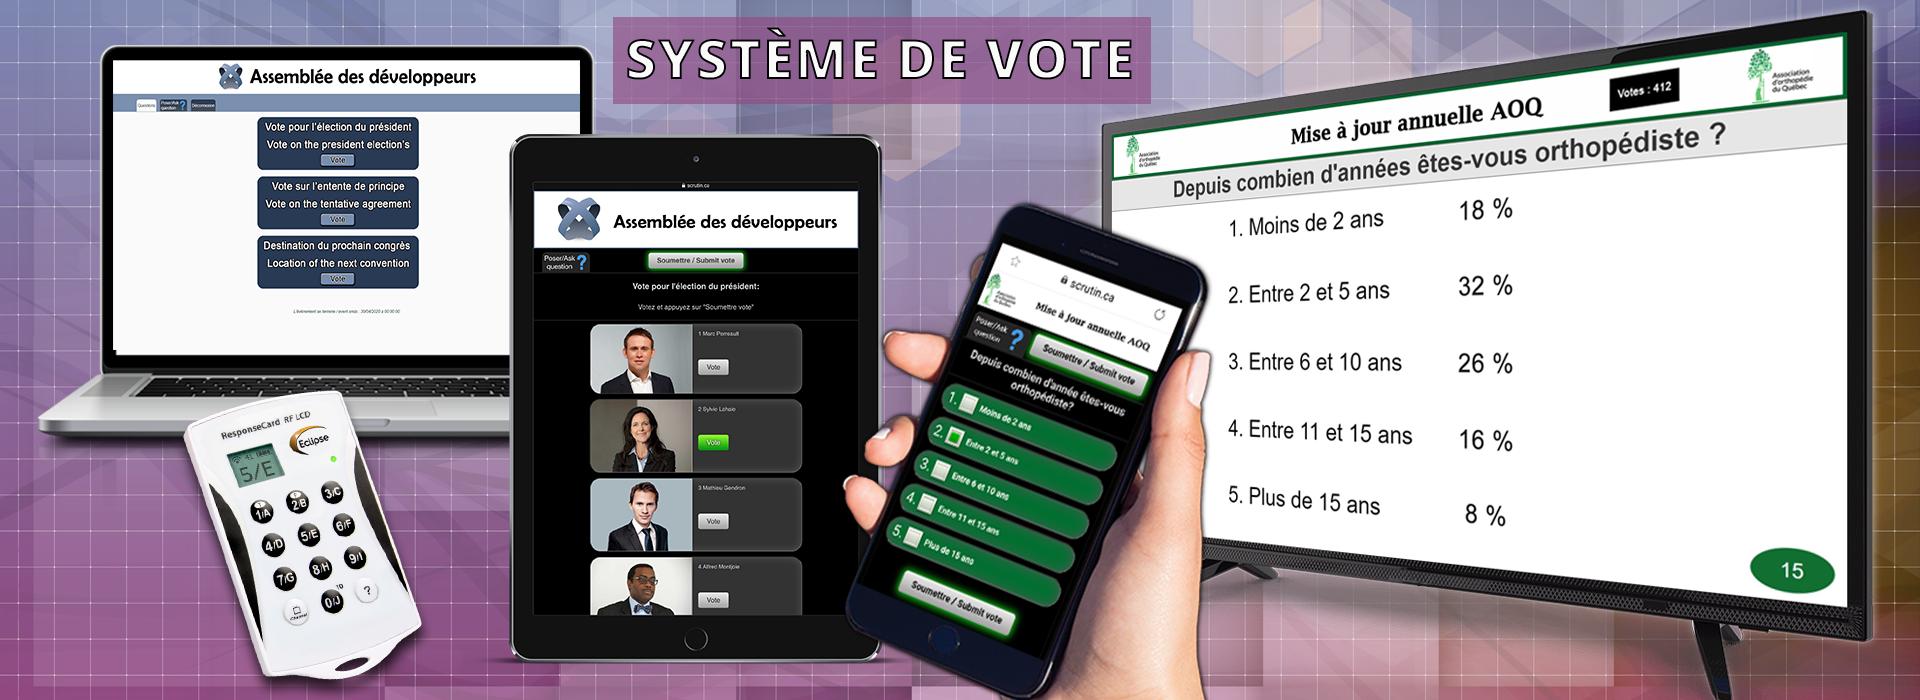 systeme de vote interactif